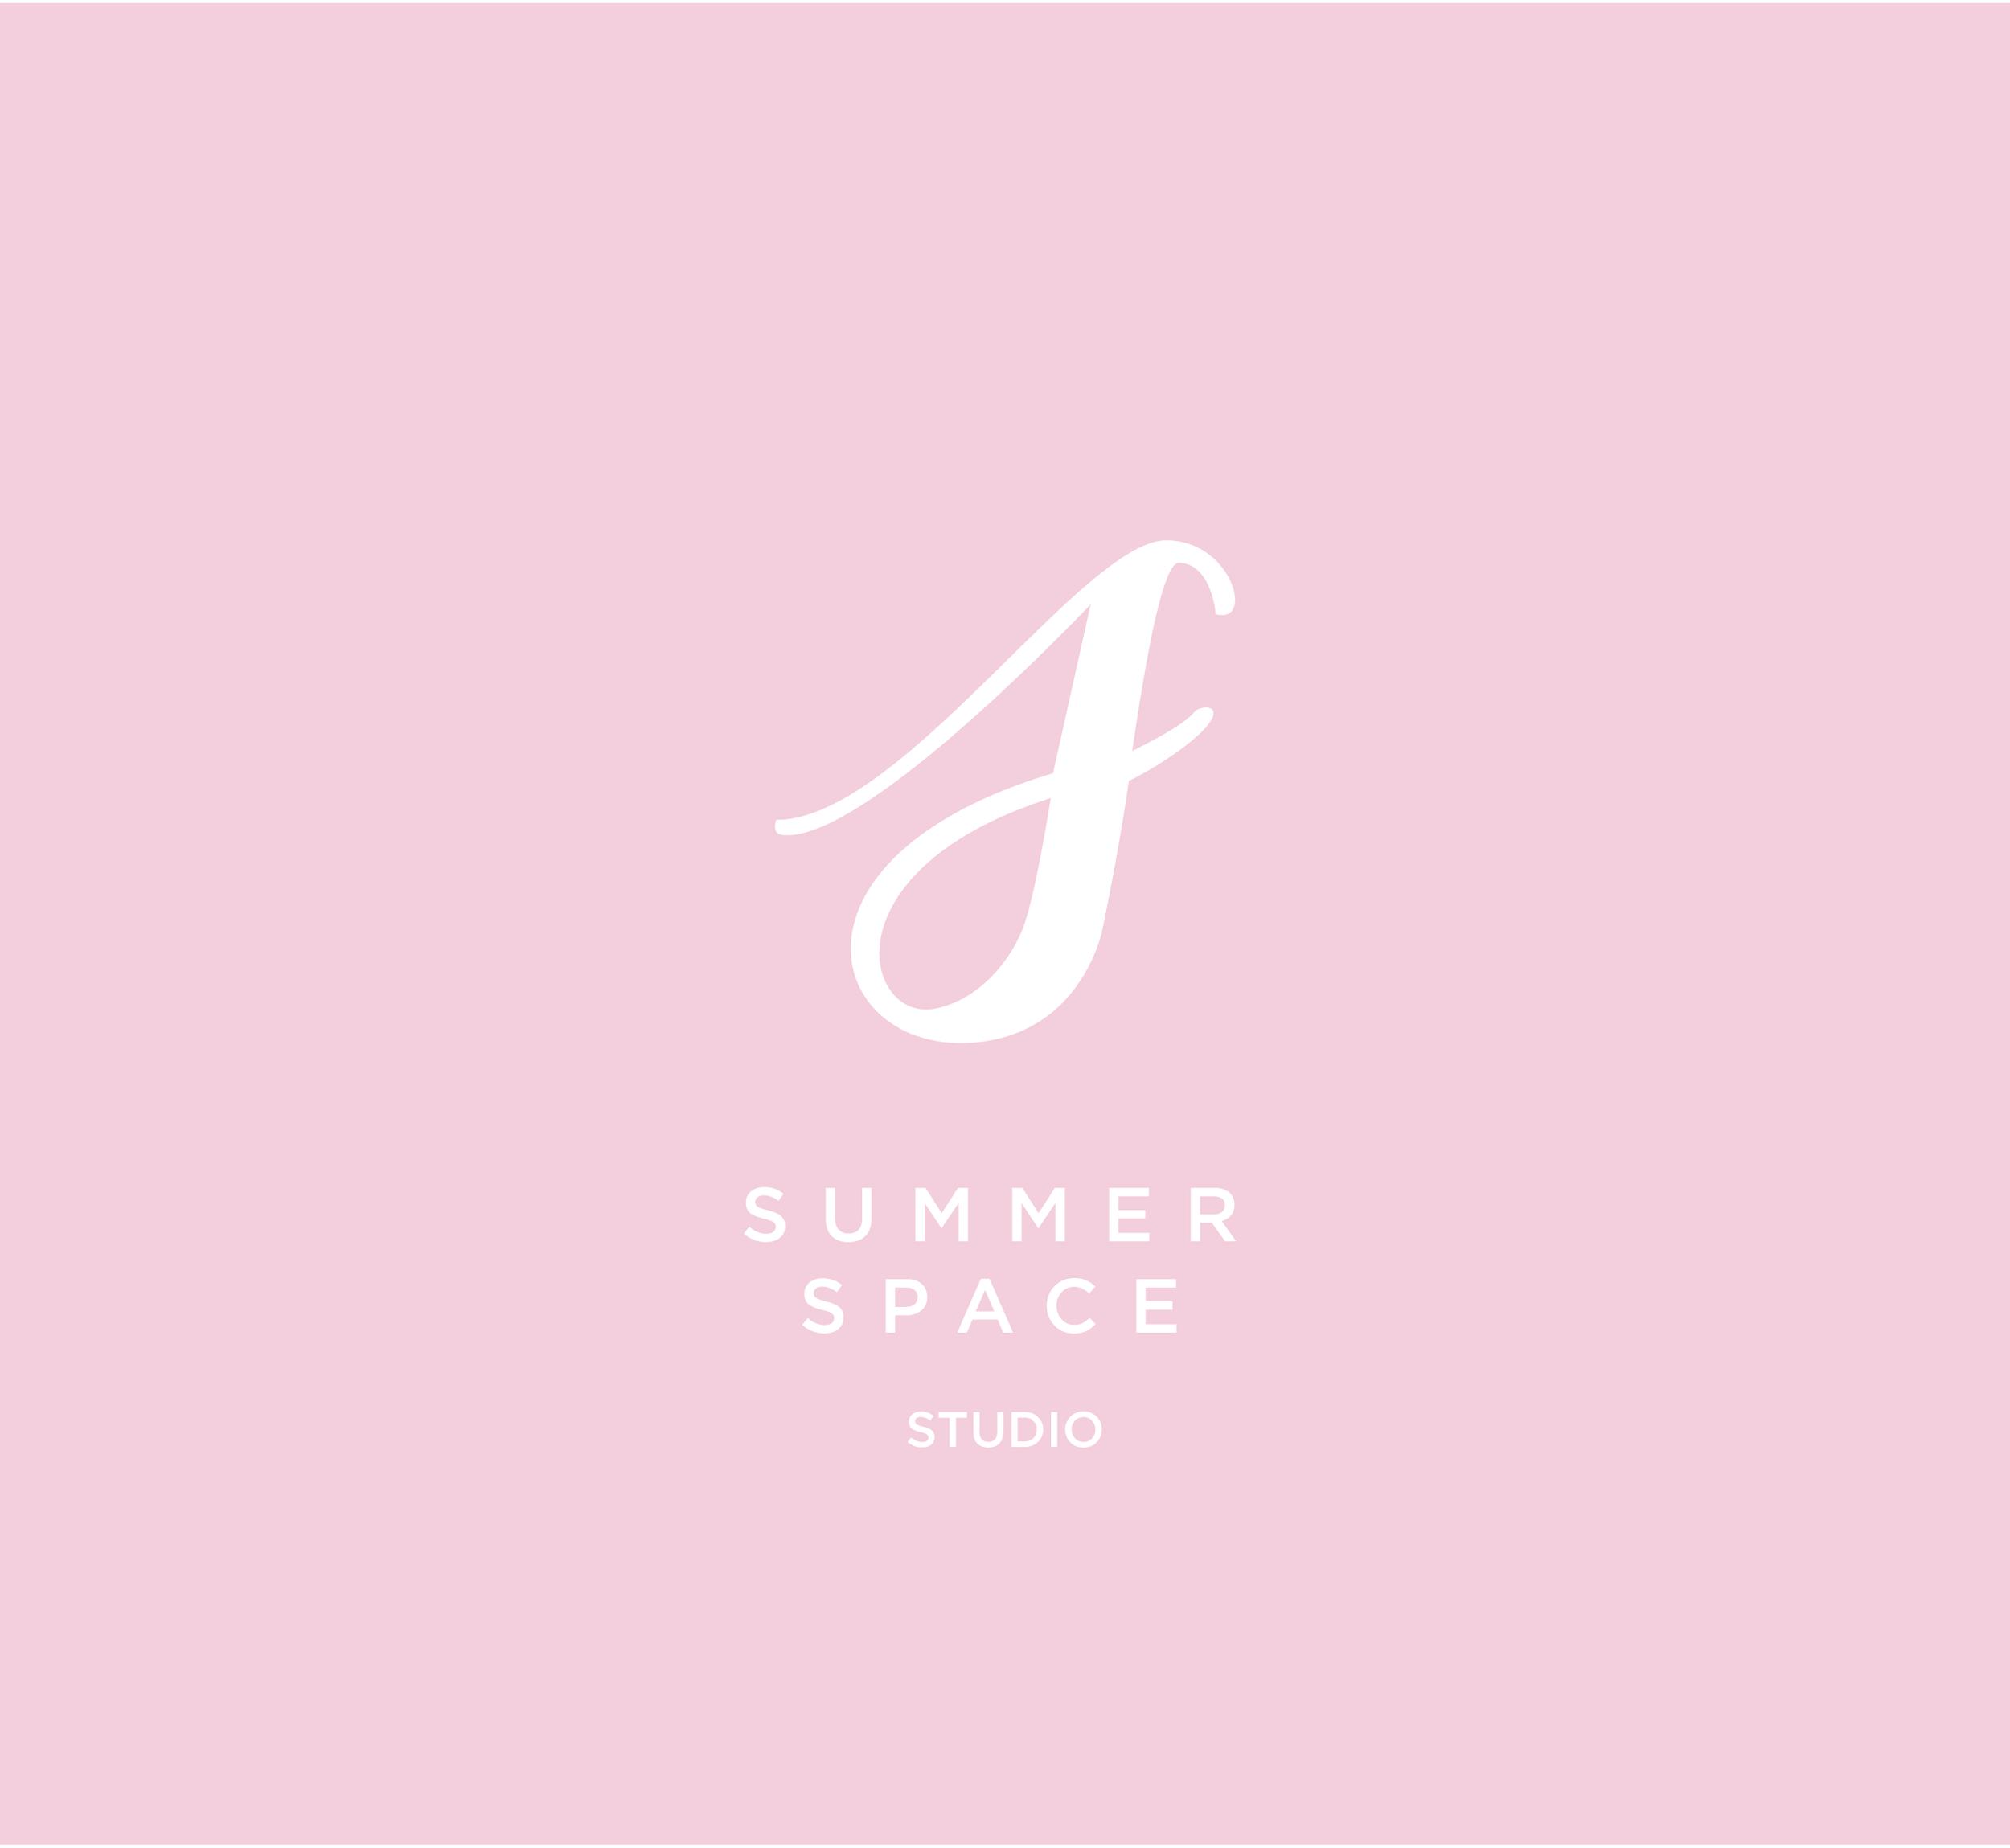 ss_logo_newpink-10.png